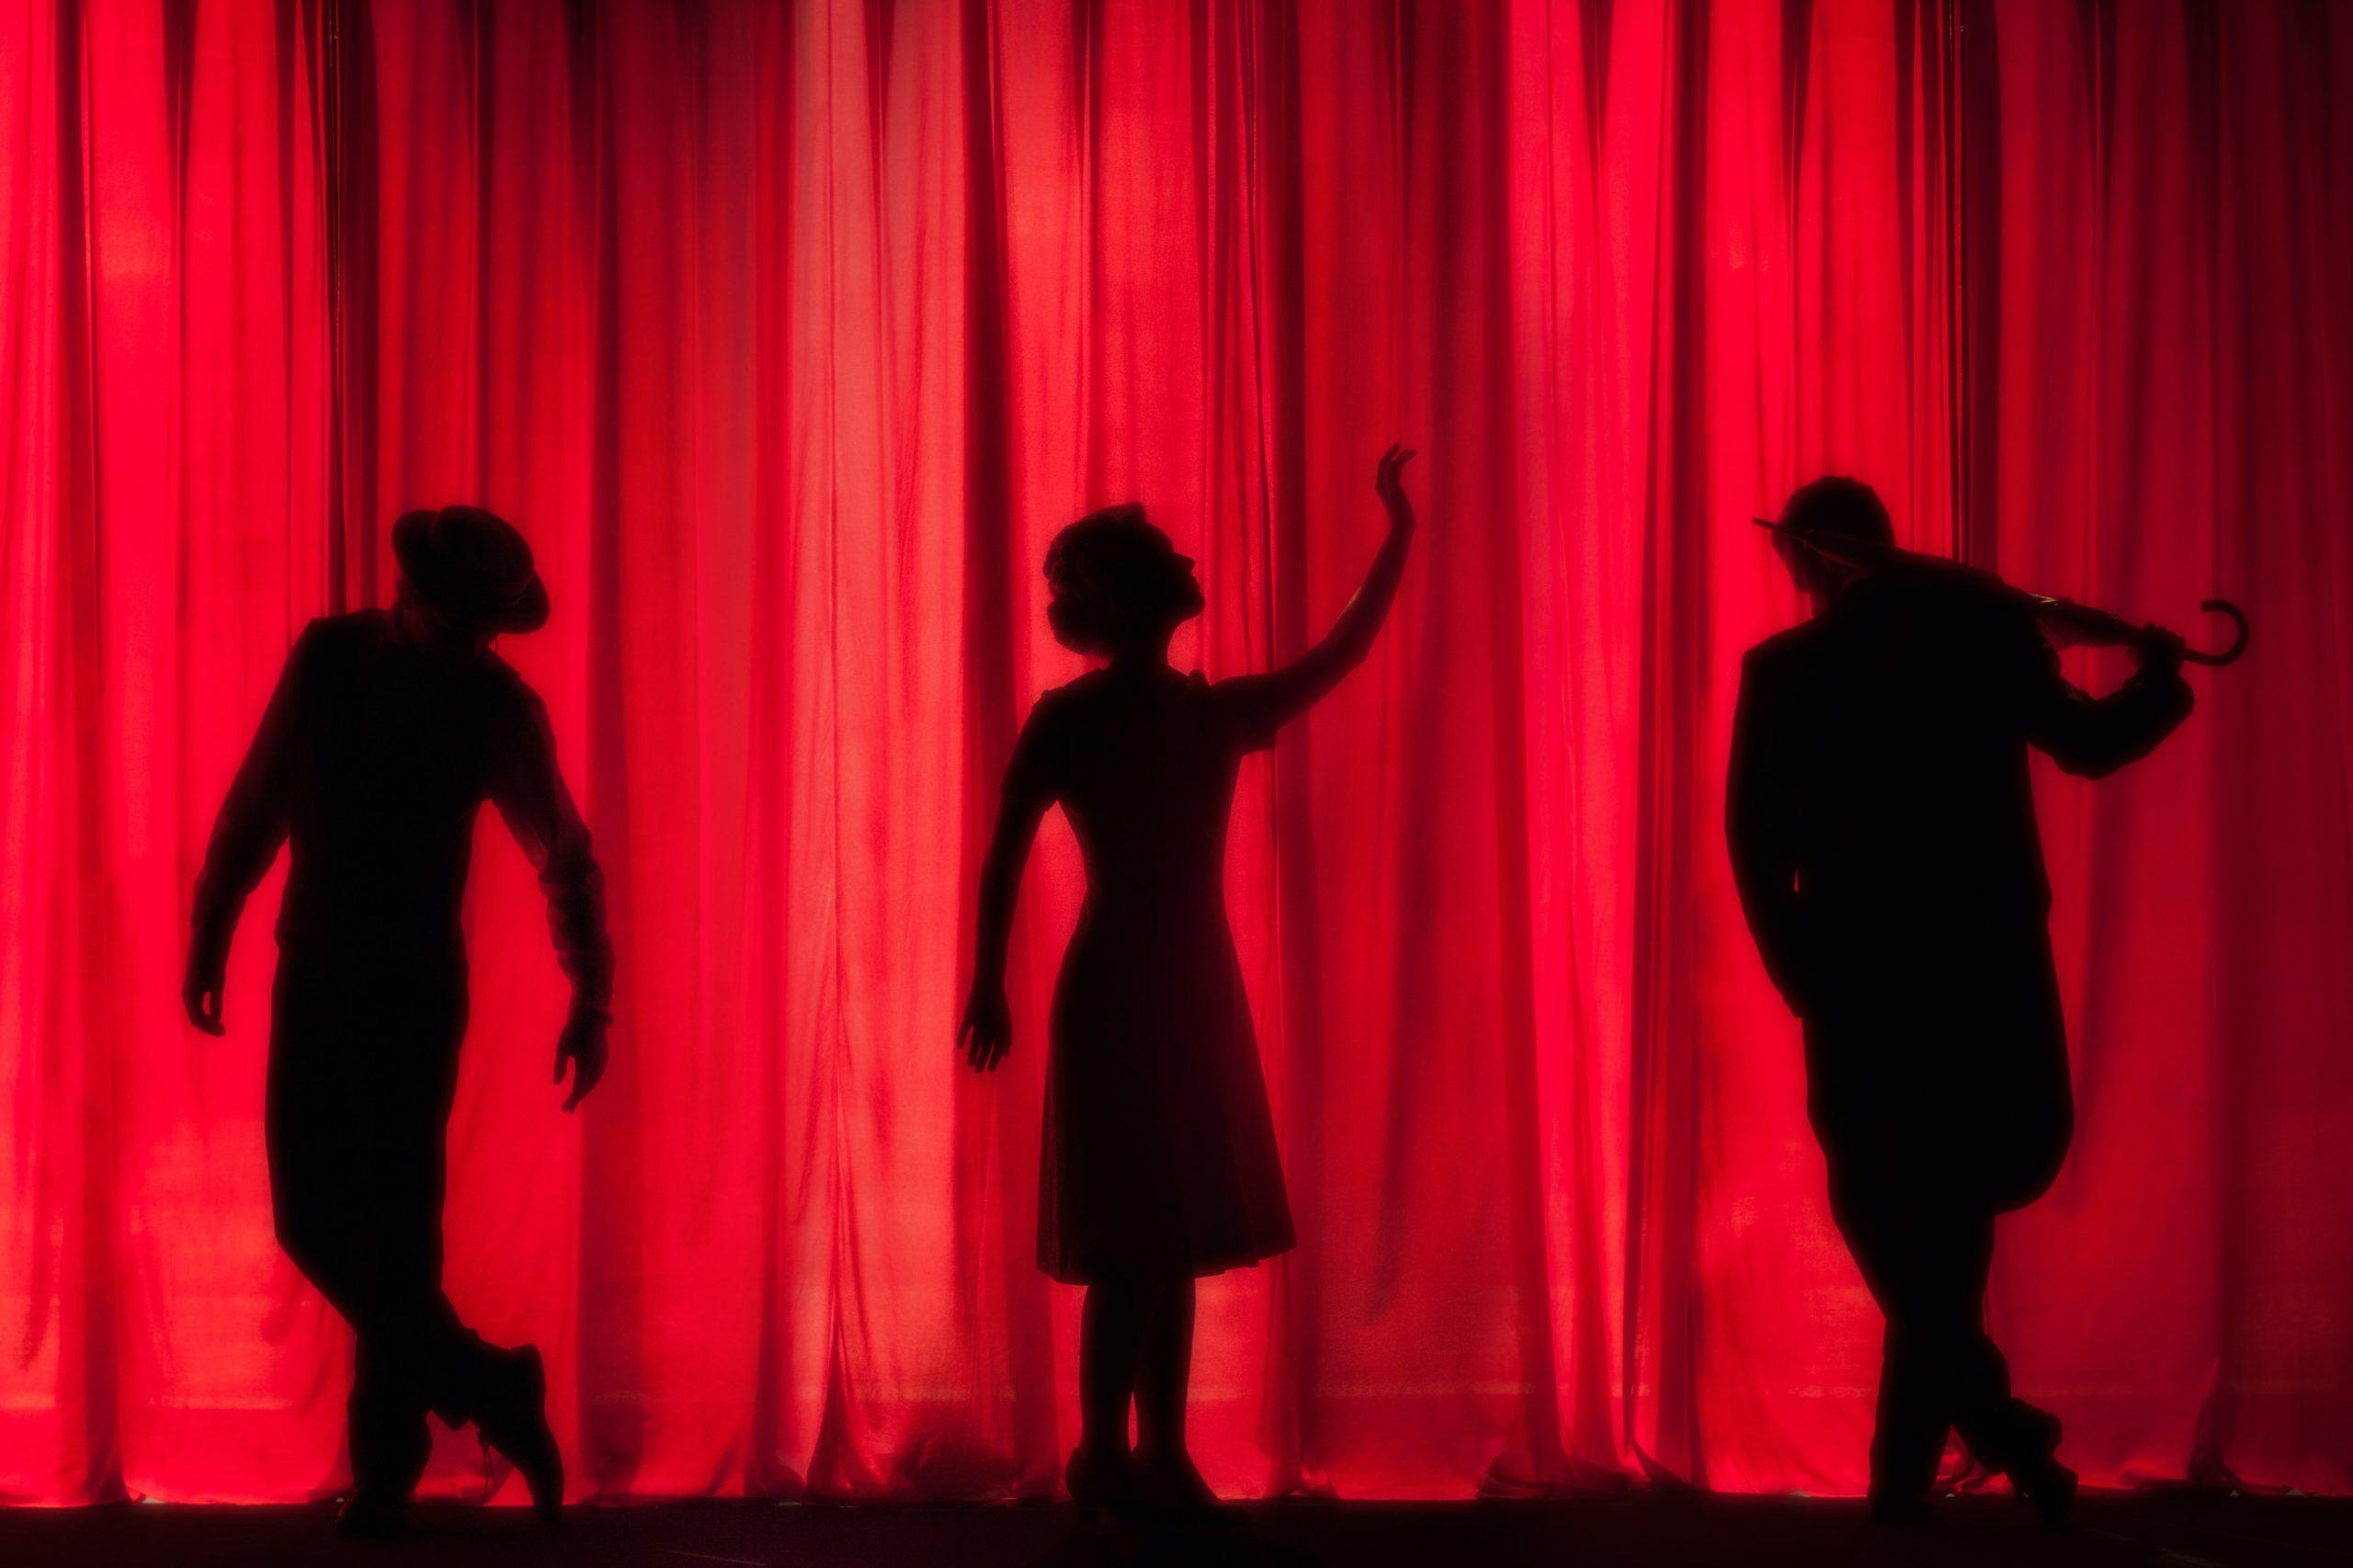 Photo des ombres de trois comédiens sur un rideau rouge de théatre. Copyright photo : kyleunderscorehead (https://unsplash.com/@kyleunderscorehead)